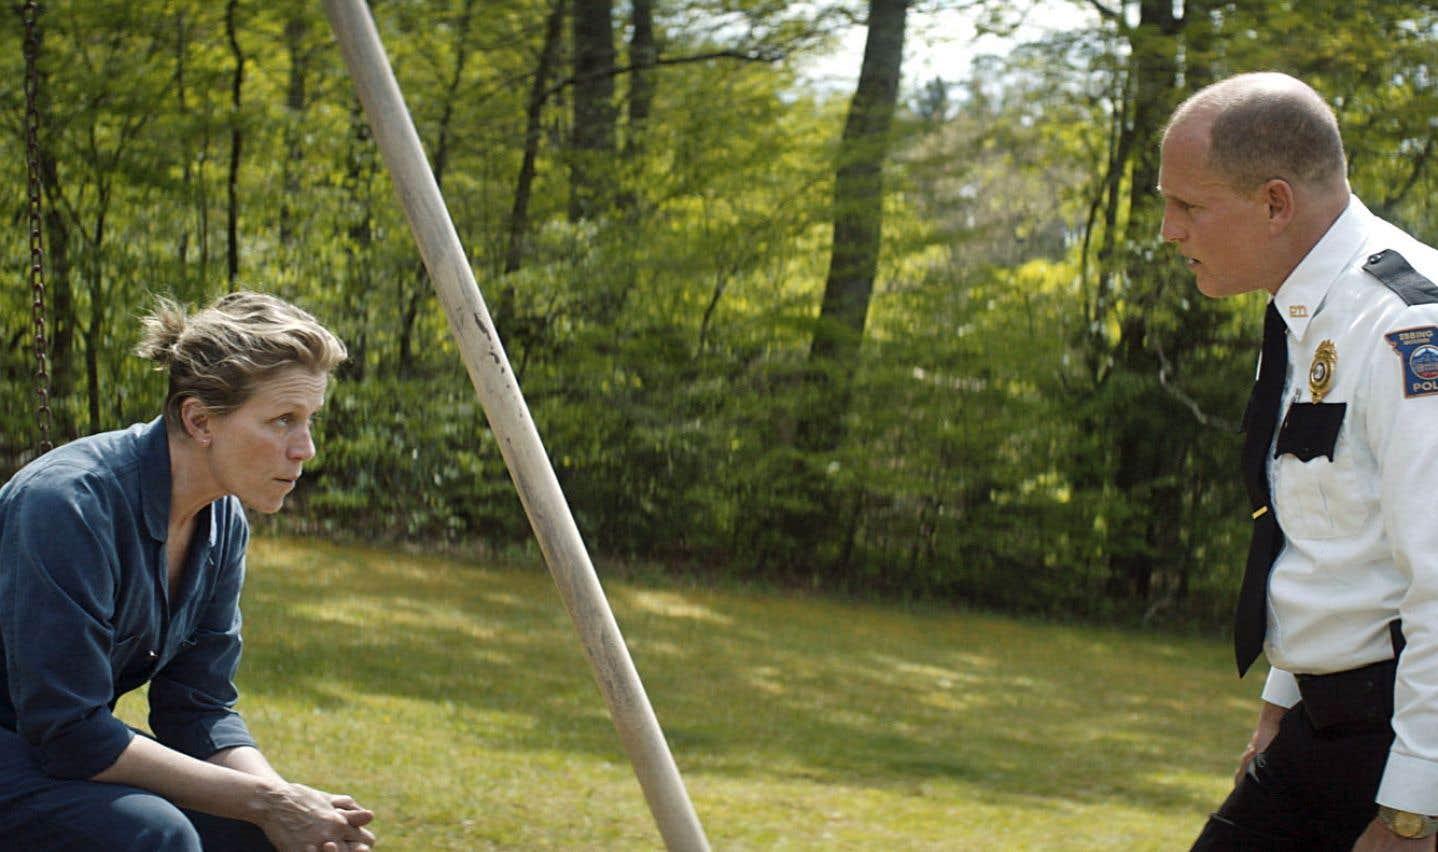 Après des mois sans que l'enquête sur la mort de sa fille ait avancé, Mildred Hayes (Frances McDormand) prend les choses en main, affichant un message controversé visant le très respecté chef de la police (Woody Harrelson) sur trois grands panneaux à l'entrée de leur ville.